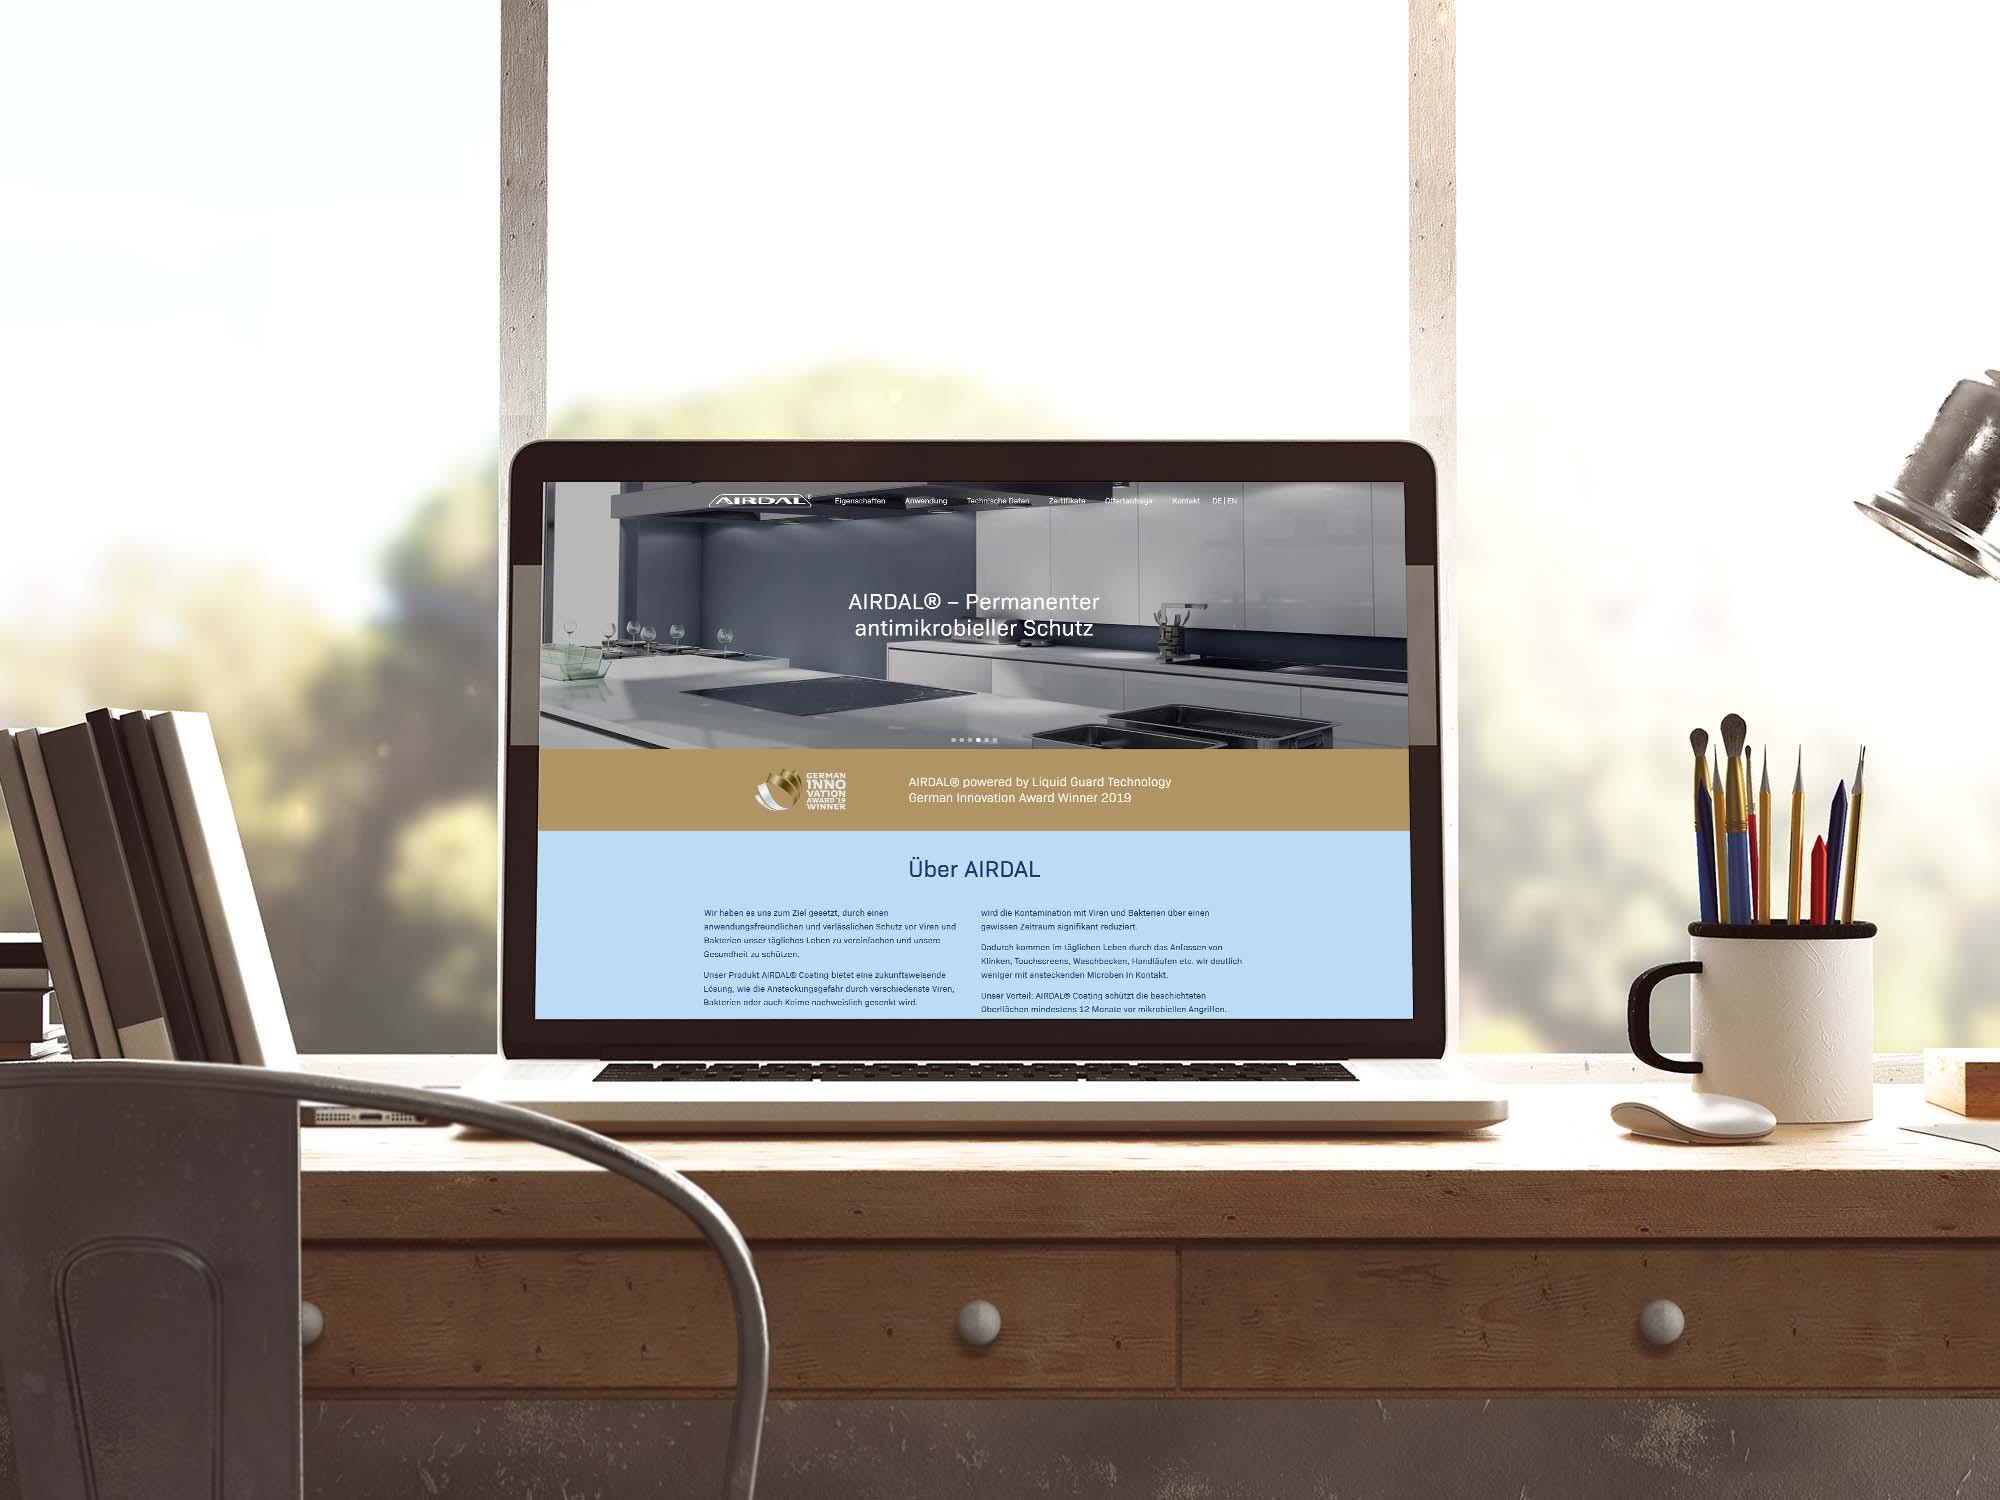 Programmierung der AIRDAL Webseite